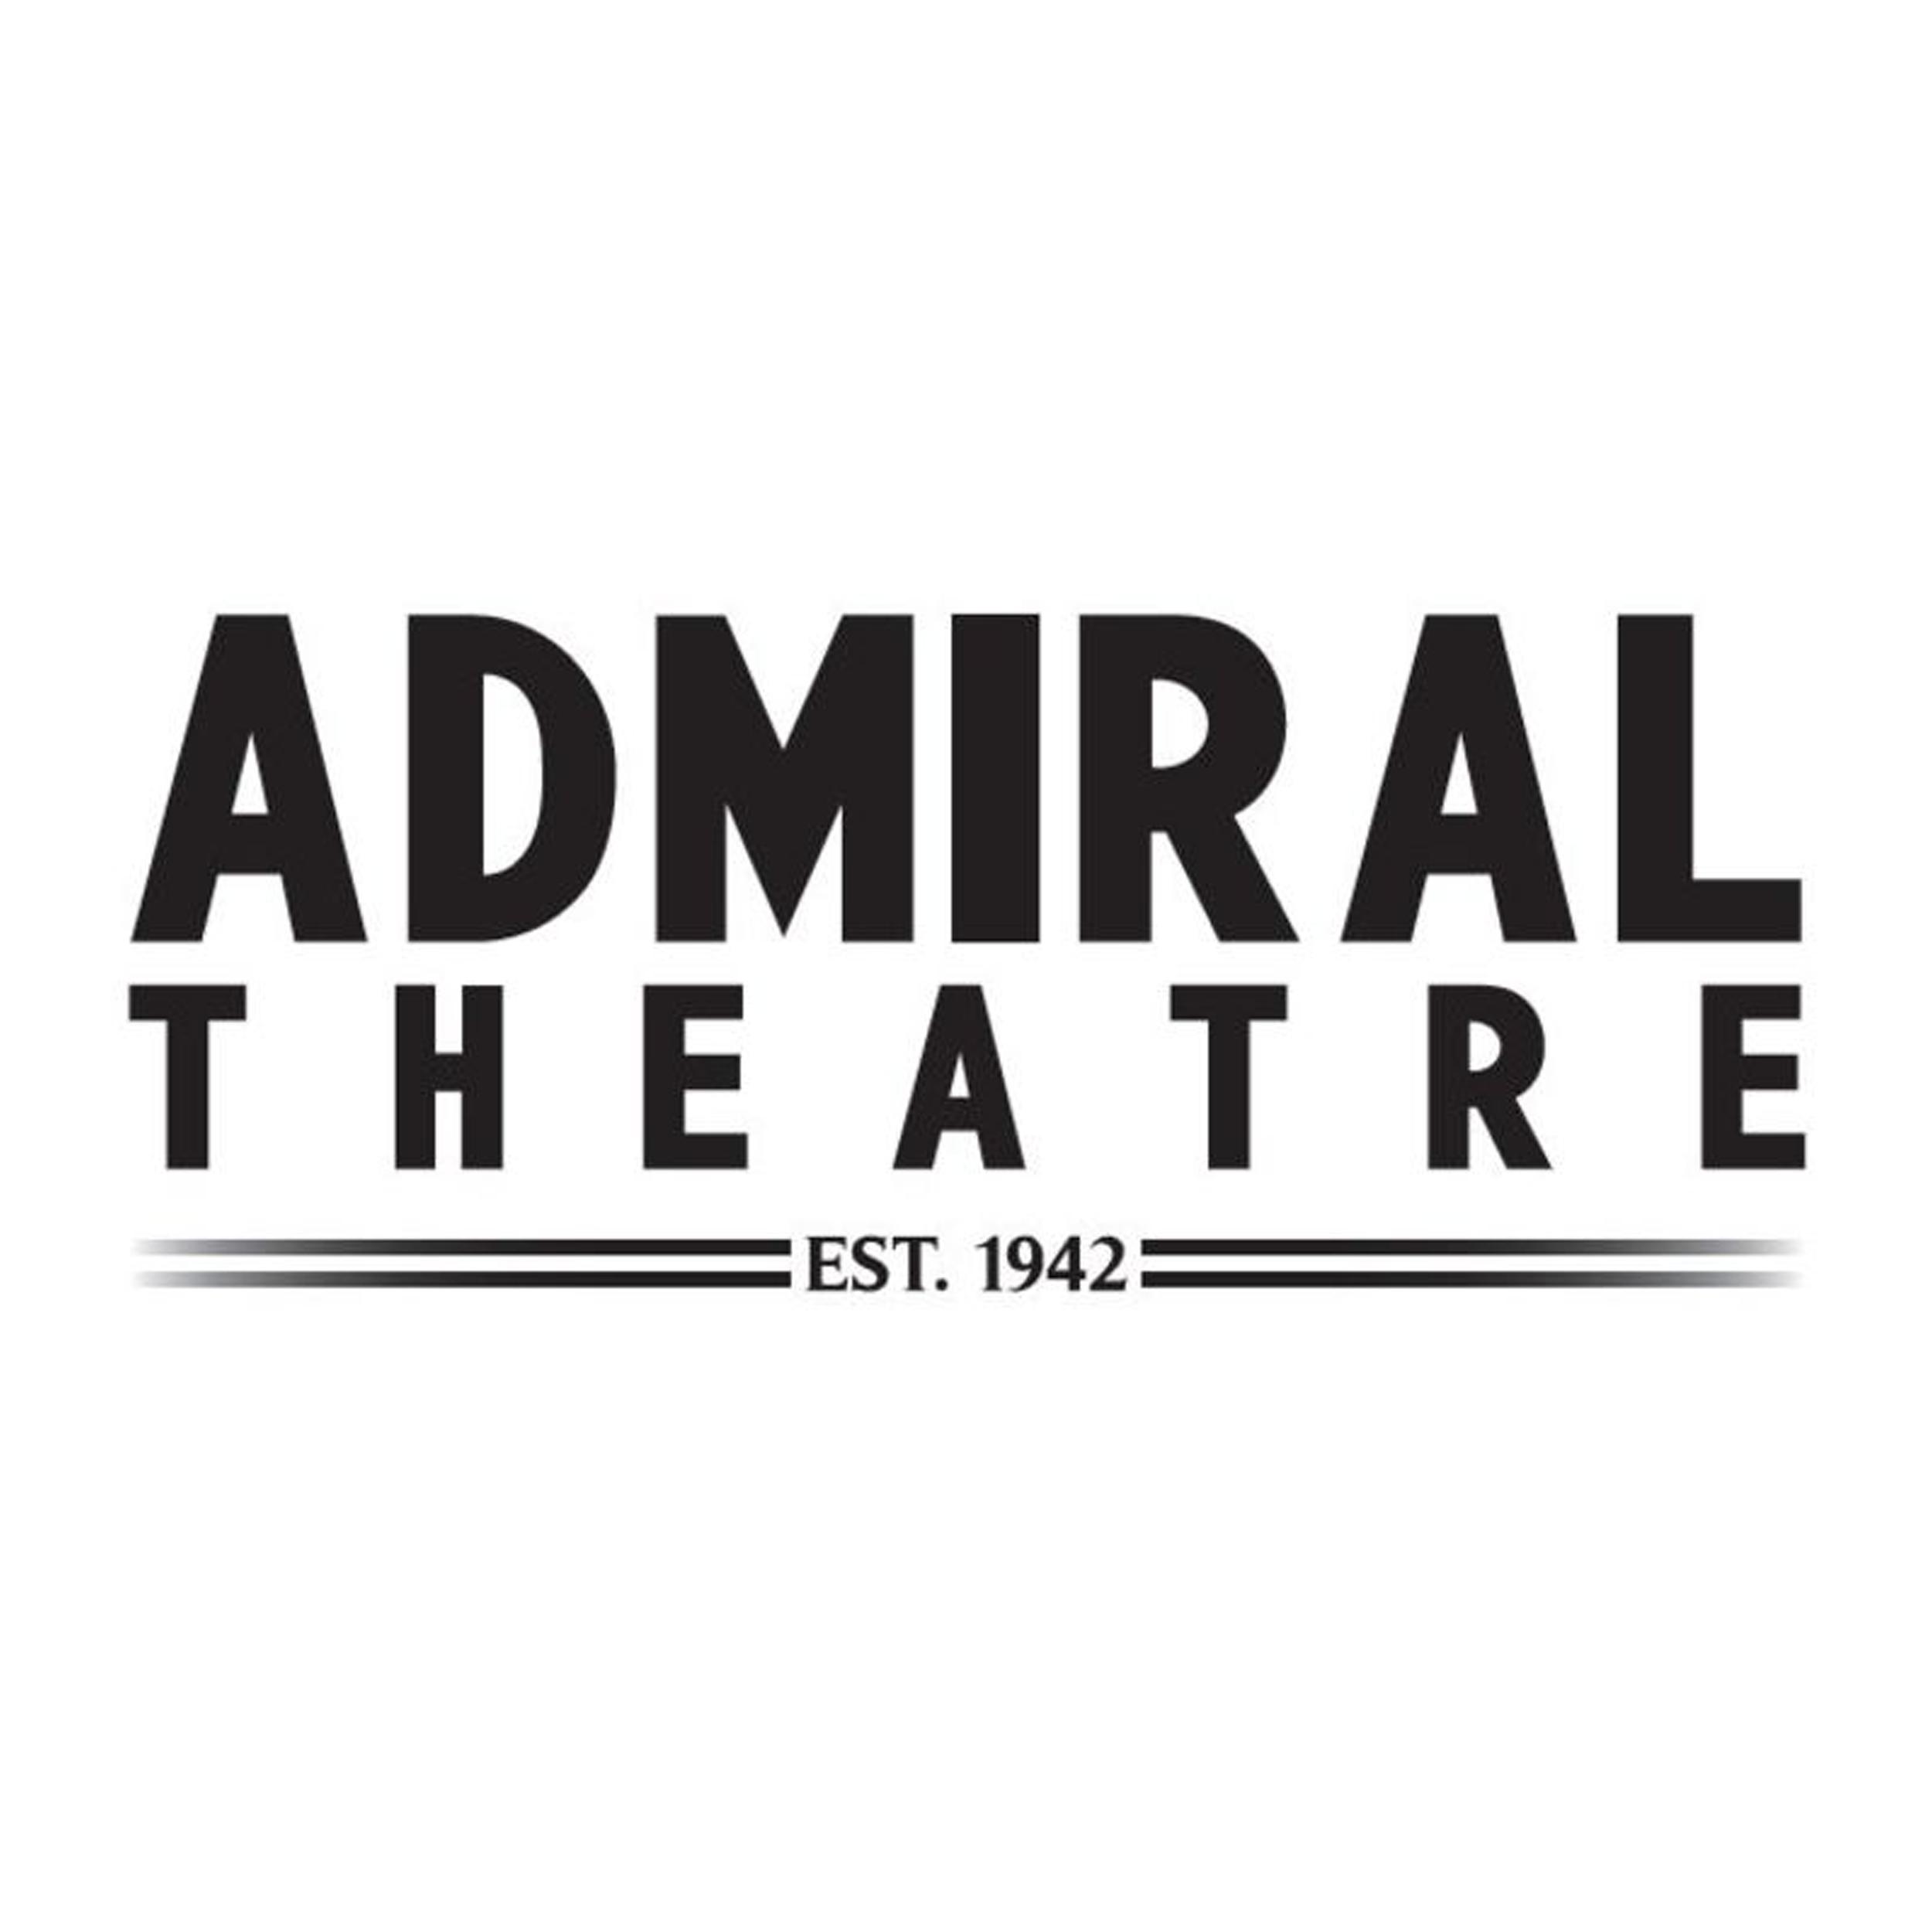 Admiral Theatre Bremerton